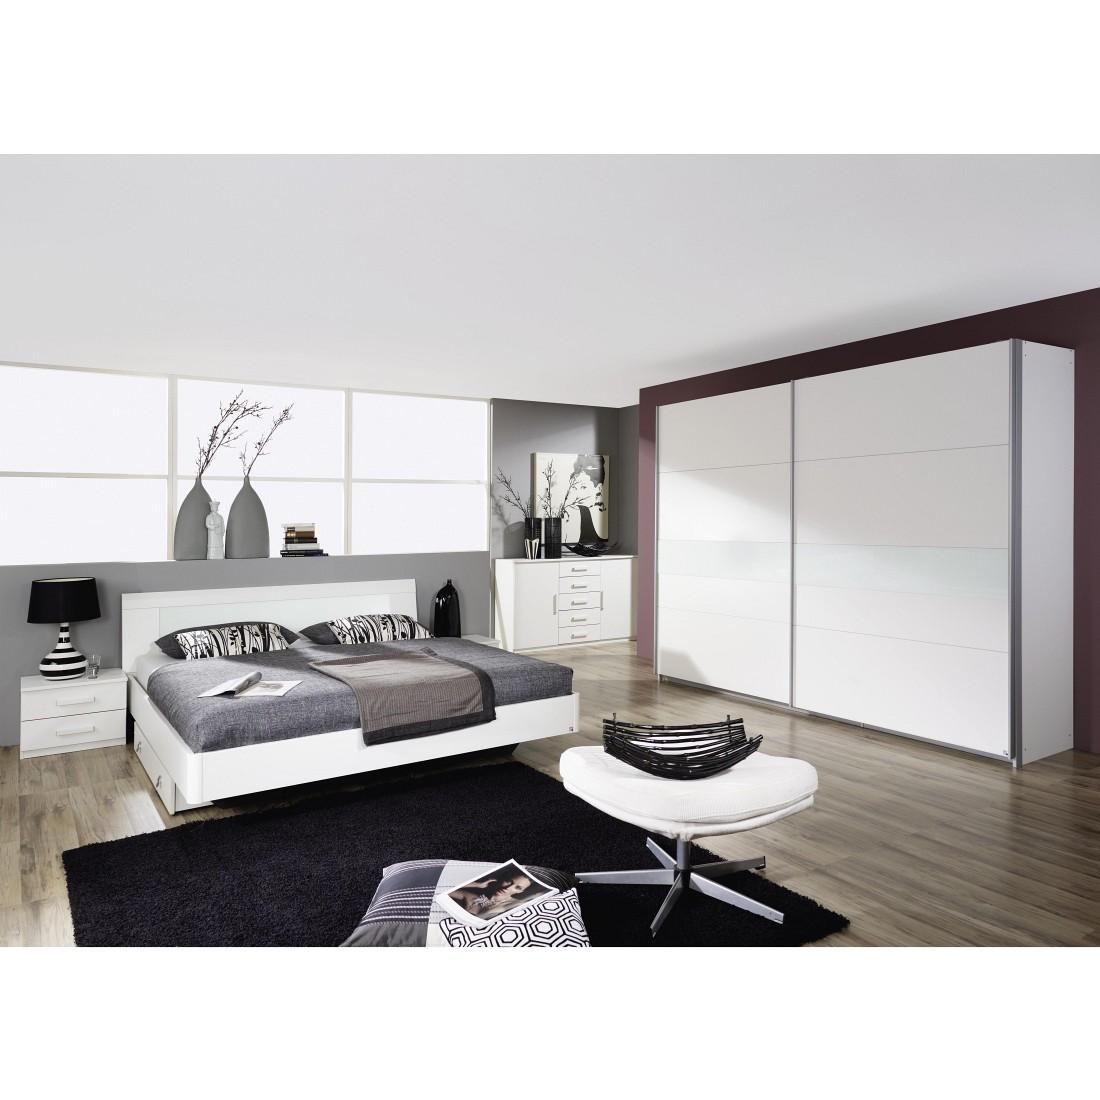 Schlafzimmerset Narbonne (4-teilig) - Alpinweiß/Glas Weiß ...